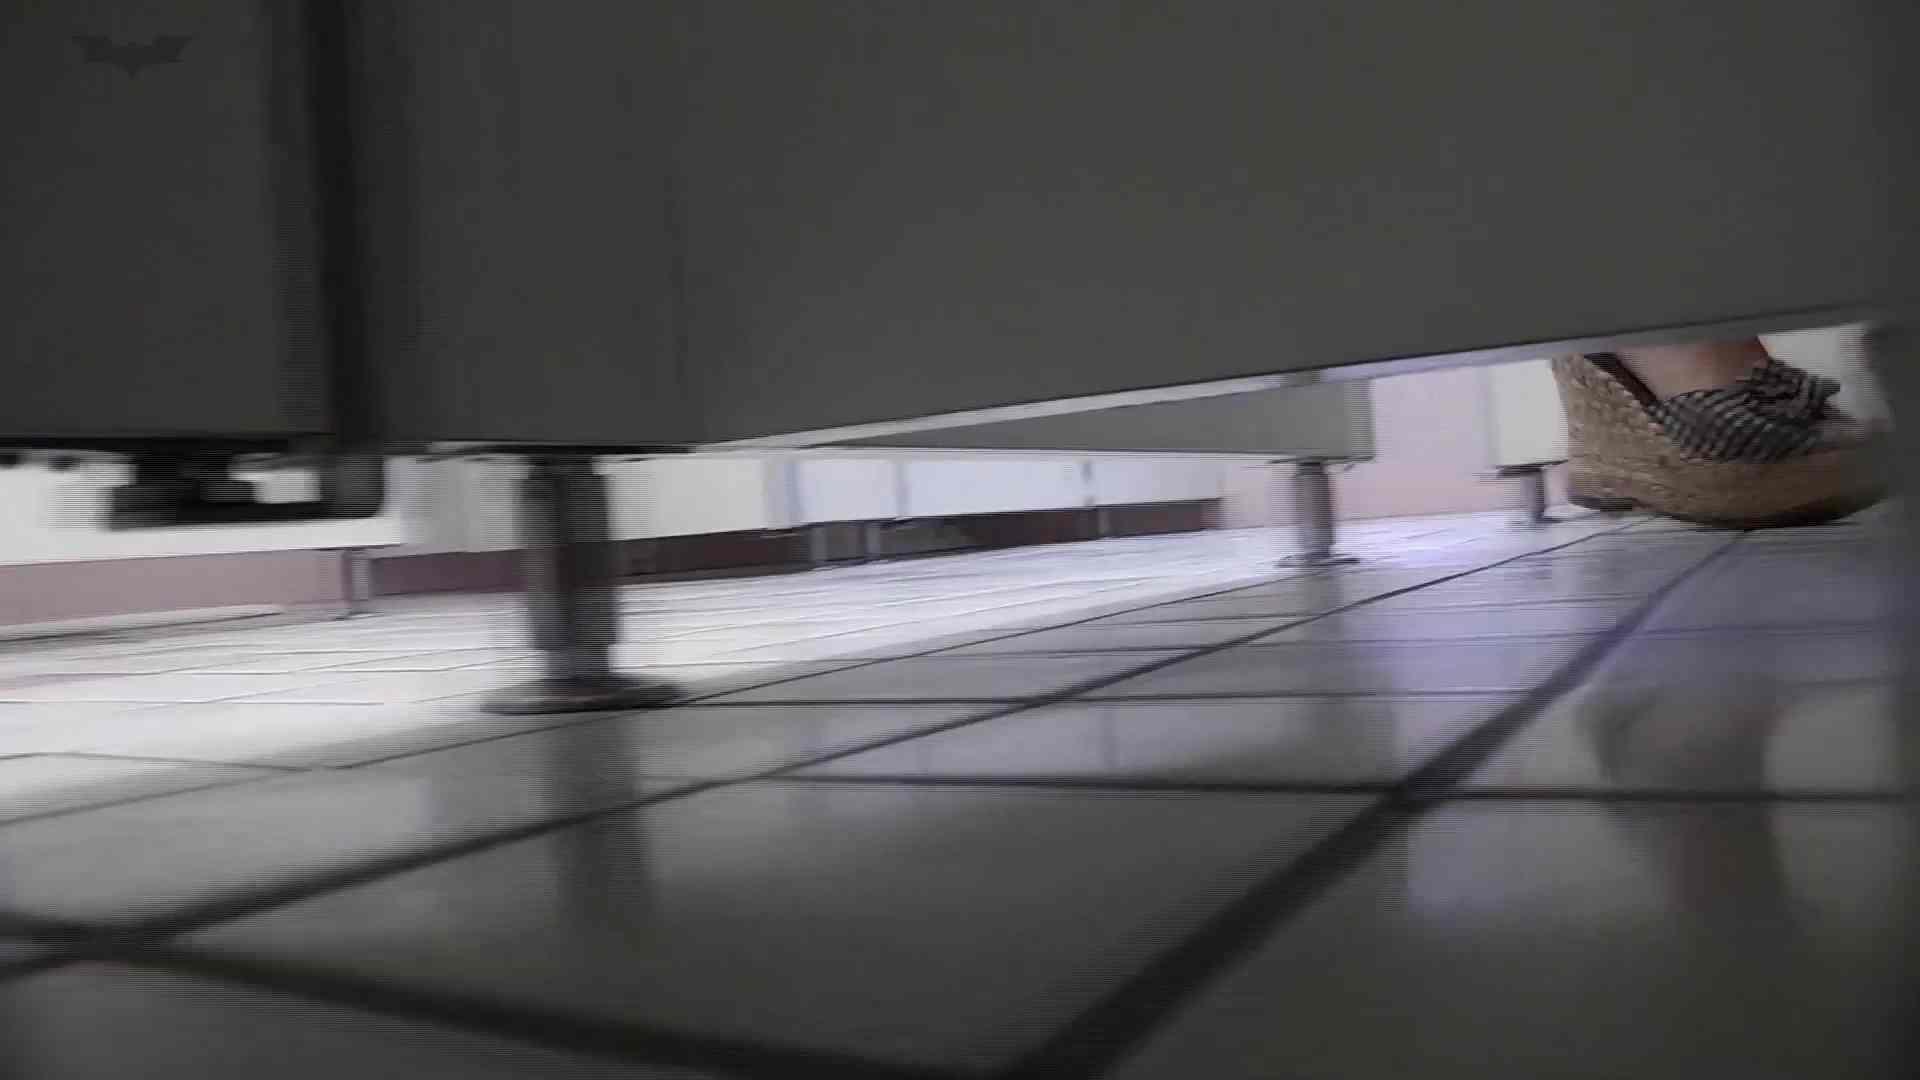 美しい日本の未来 No.25 「22」に登場した子がまさかの大で再登場!! 洗面所のぞき おめこ無修正動画無料 108枚 107